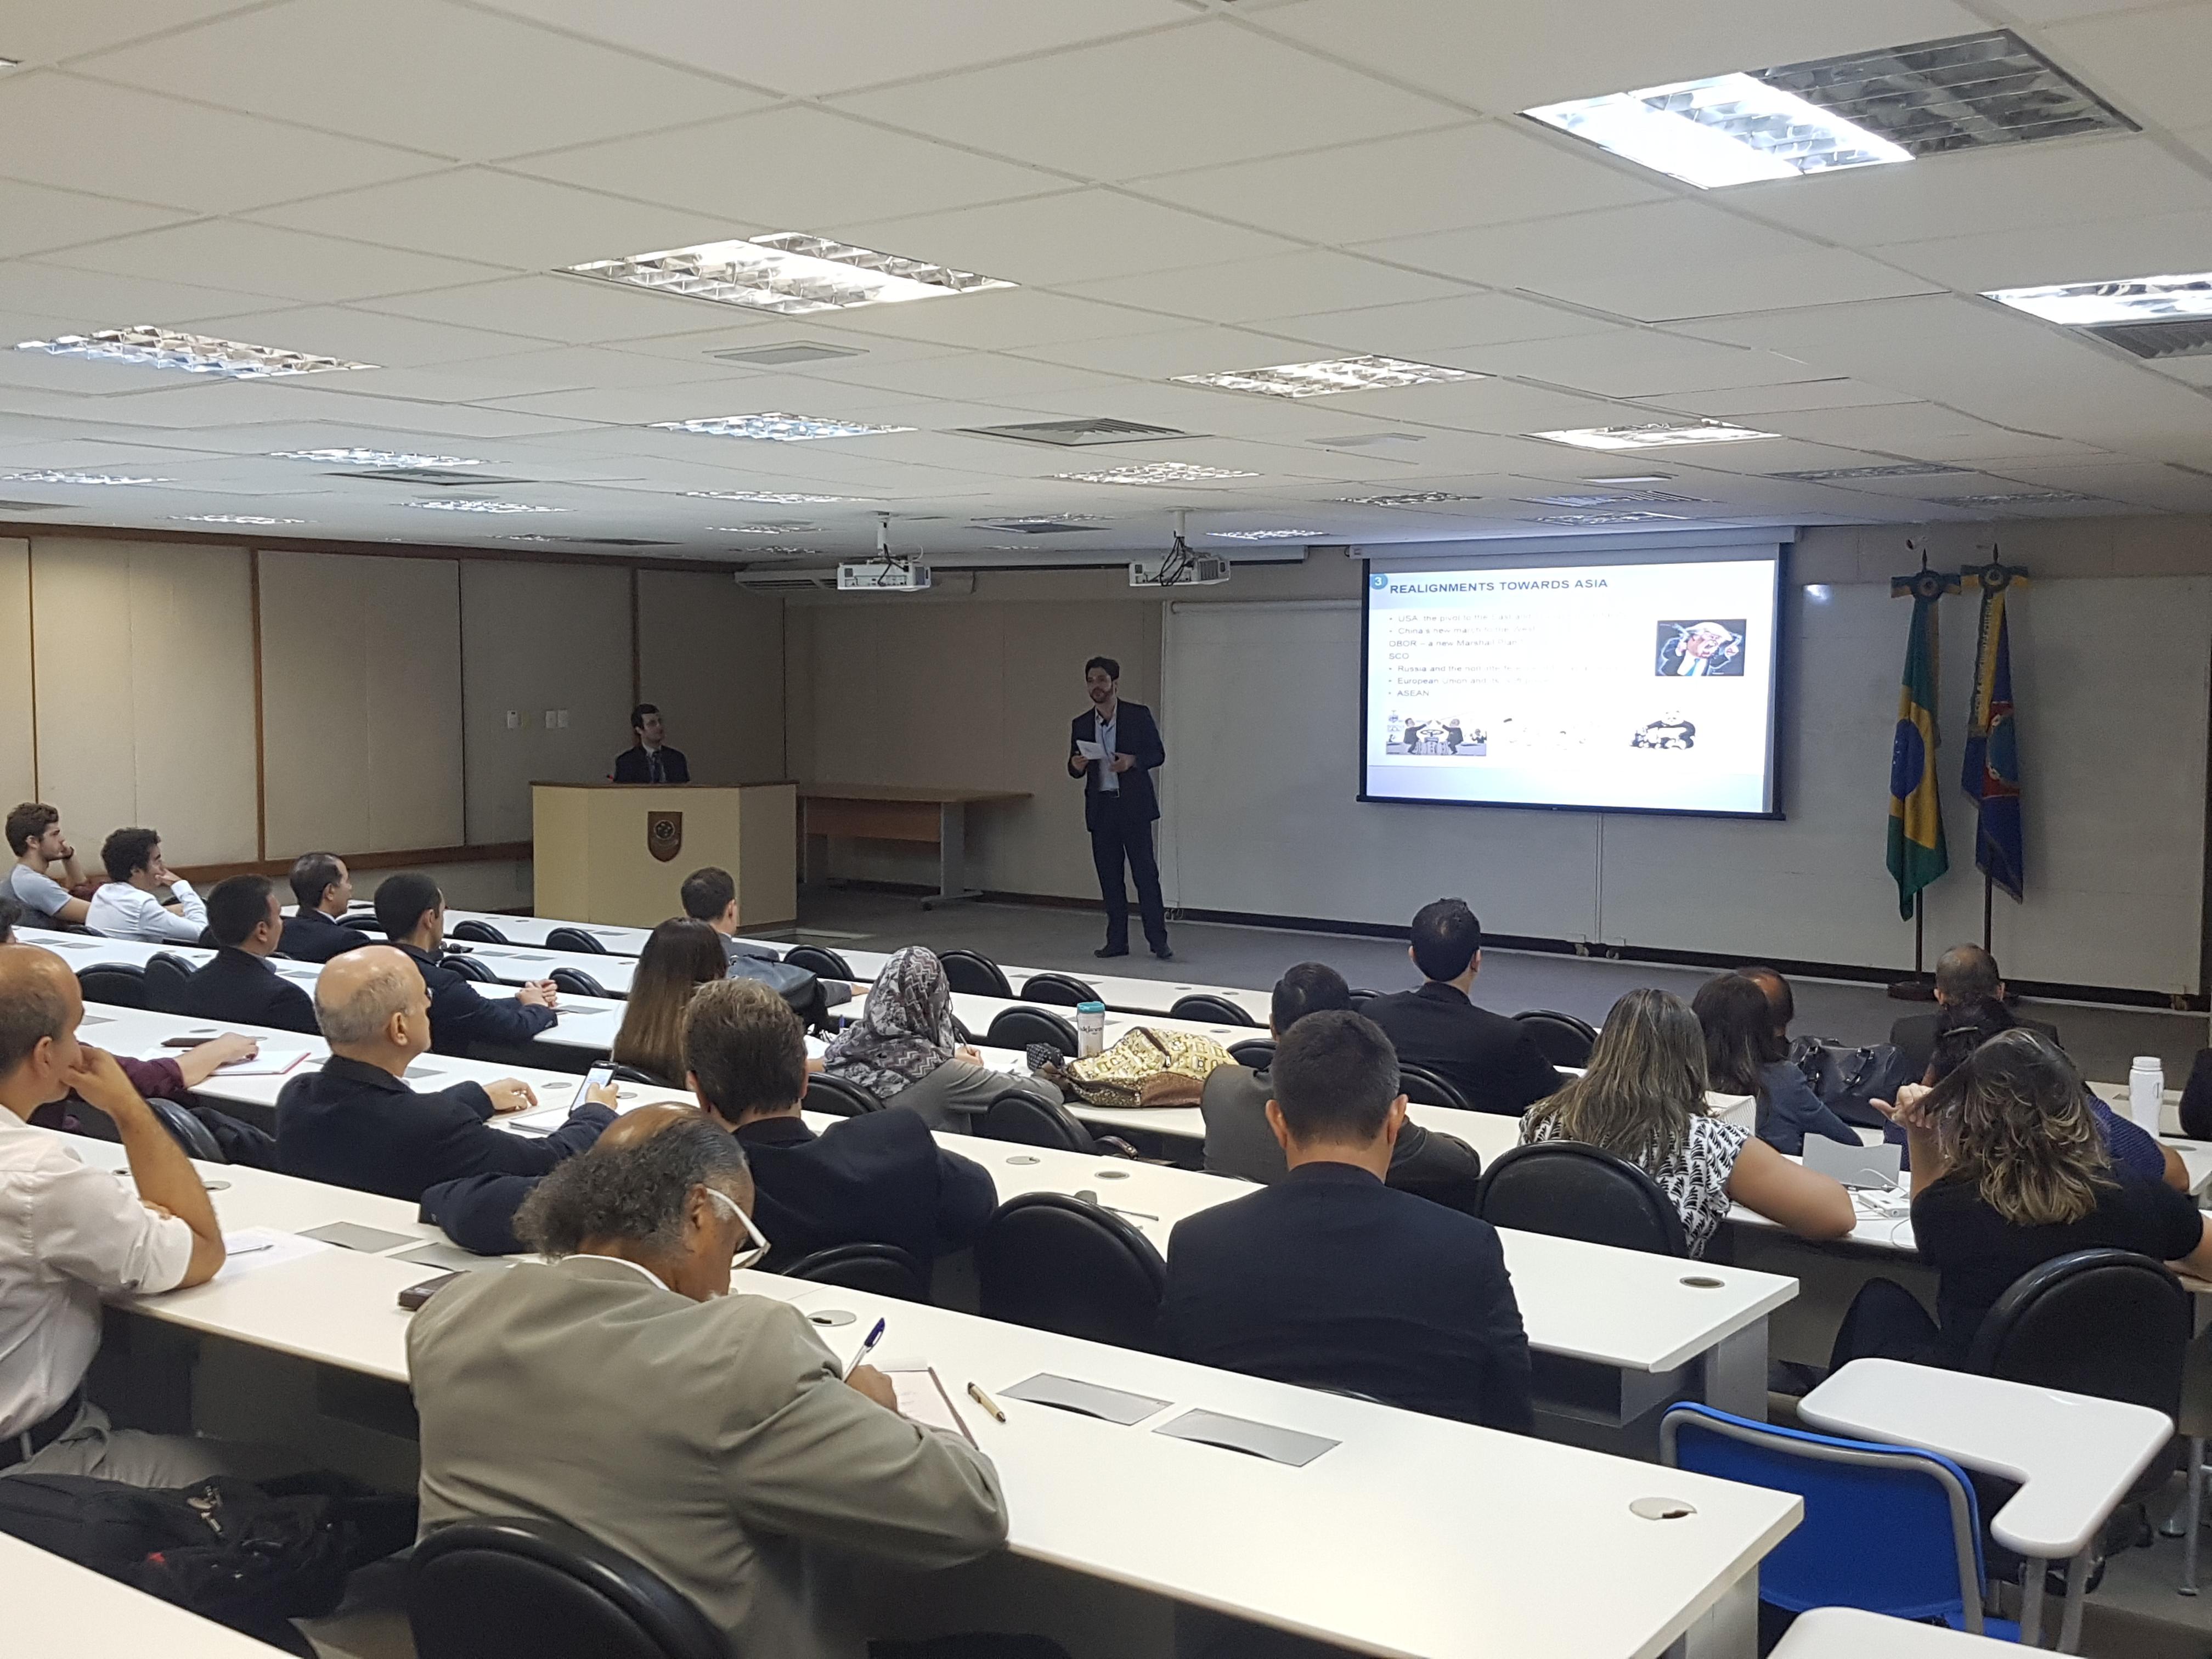 DIPLOMATA BRASILEIRO COMPARTILHA SUA EXPERIÊNCIA EM PAÍSES ASIÁTICOS